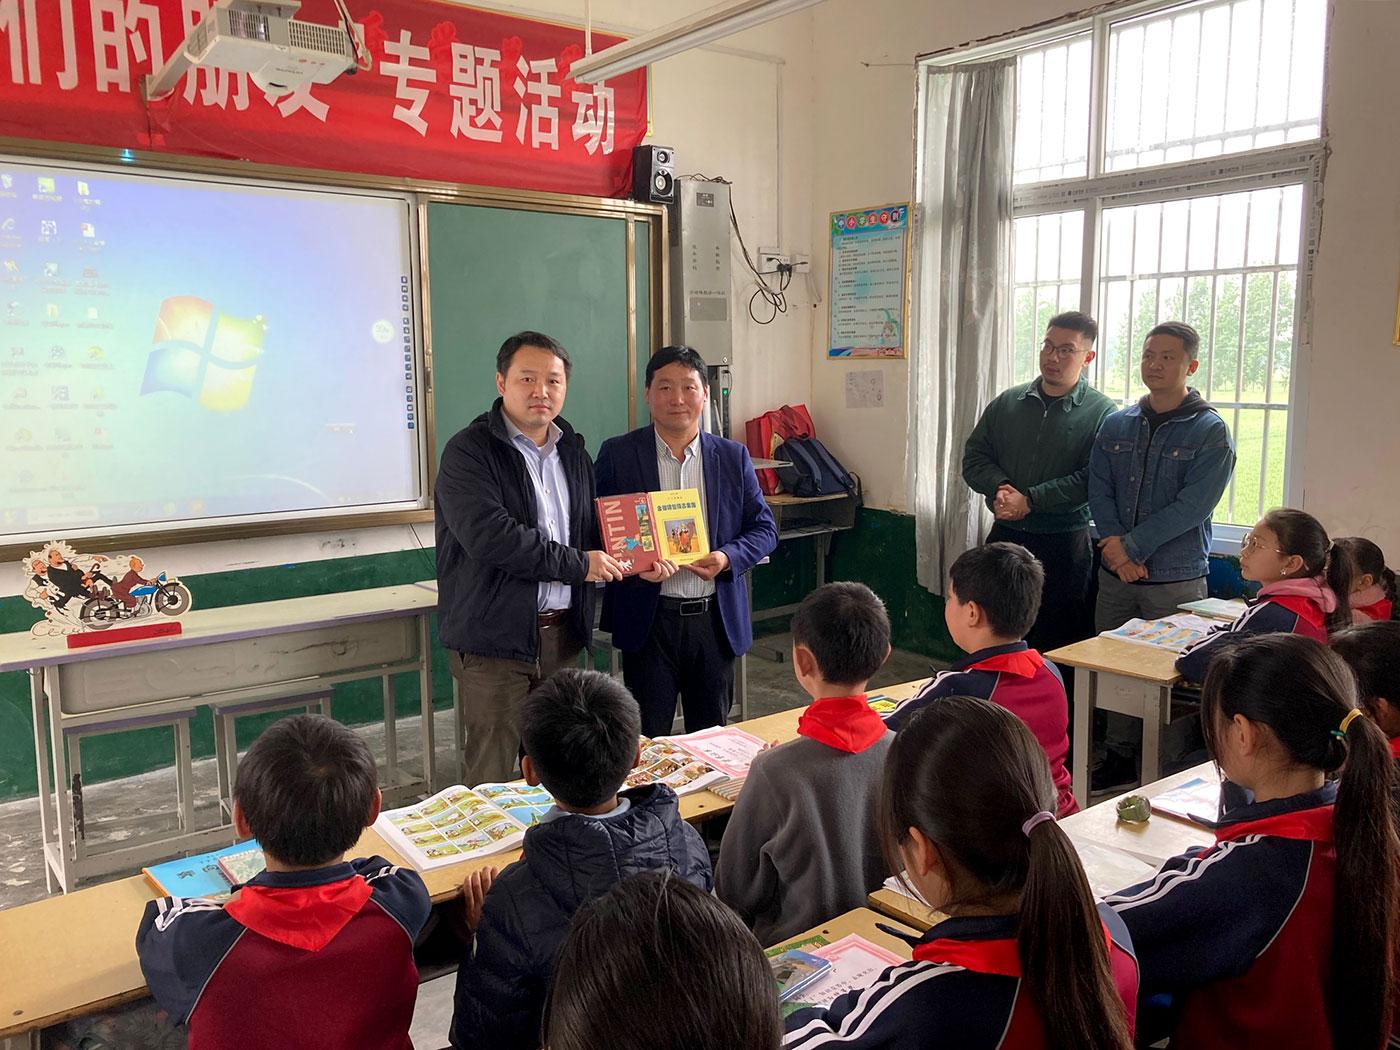 Le salon tintinophiles fait don des livres Tintin à l'école